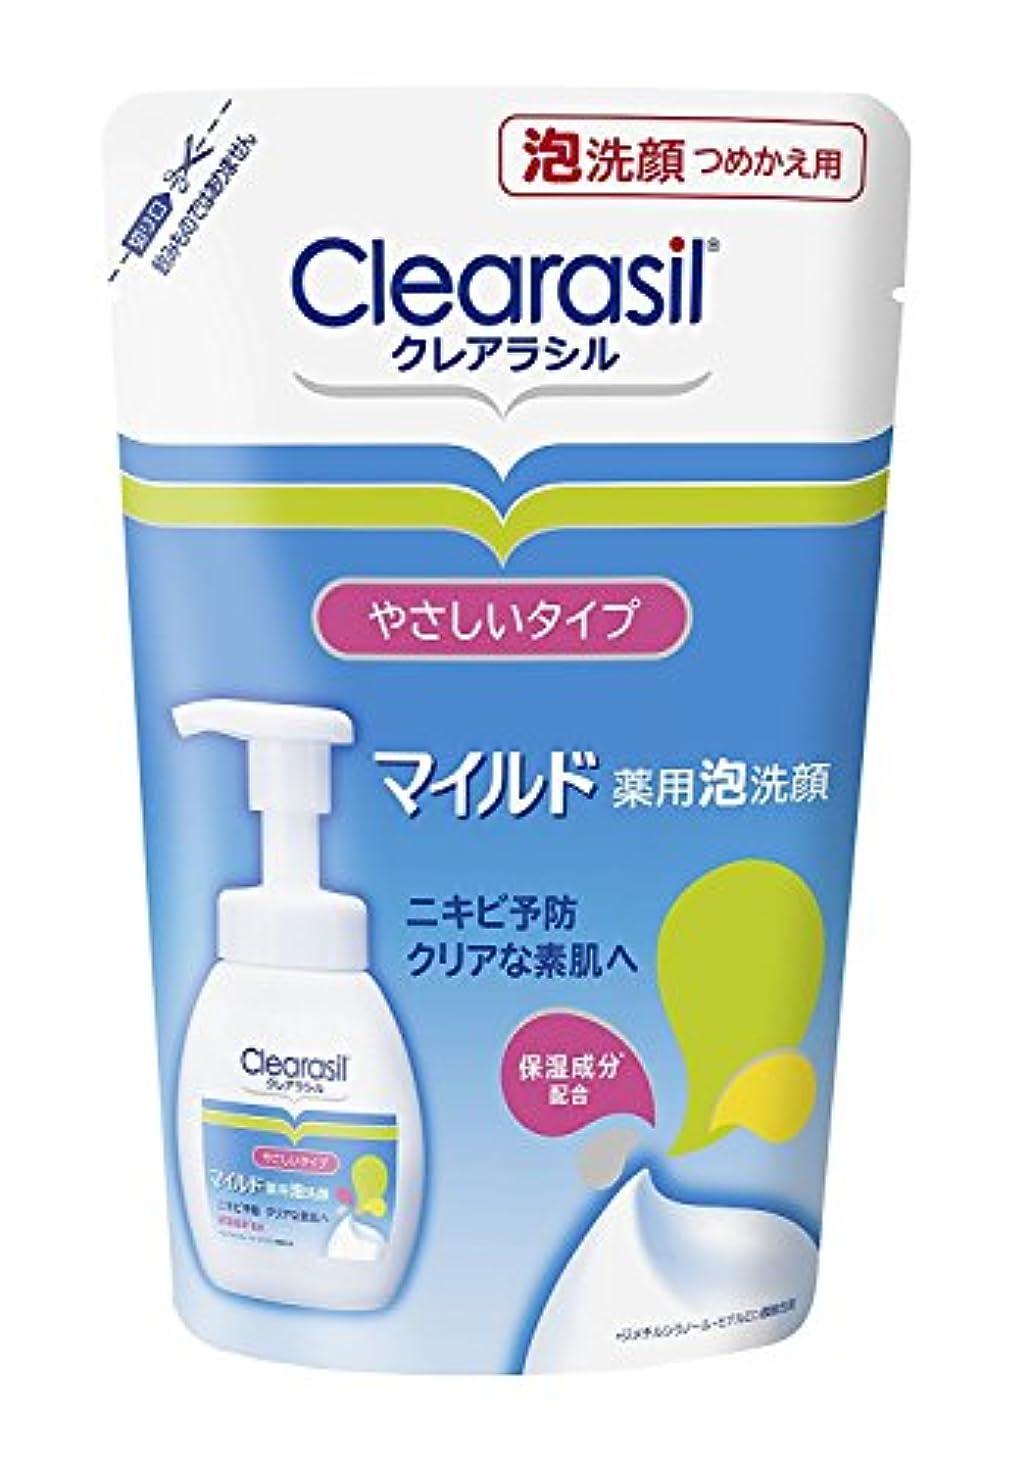 押す最愛の言語【clearasil】クレアラシル 薬用泡洗顔フォーム(マイルドタイプ) つめかえ用 (180ml) ×10個セット